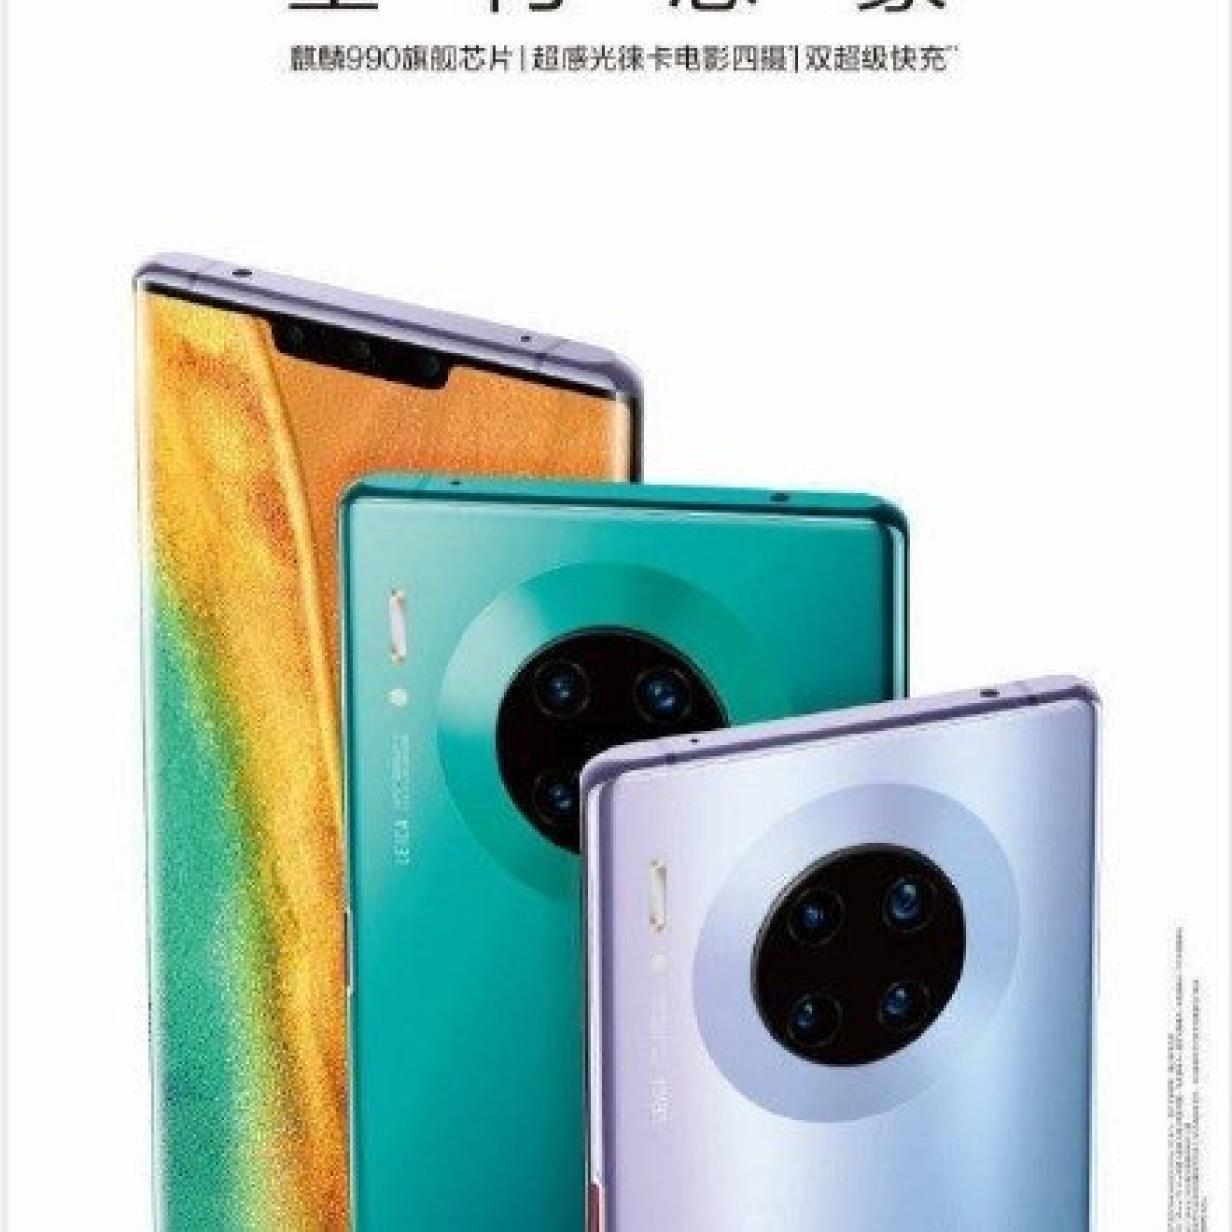 Huawei Mate 30: Starttermin für Handy mit Super-Akku bestätigt